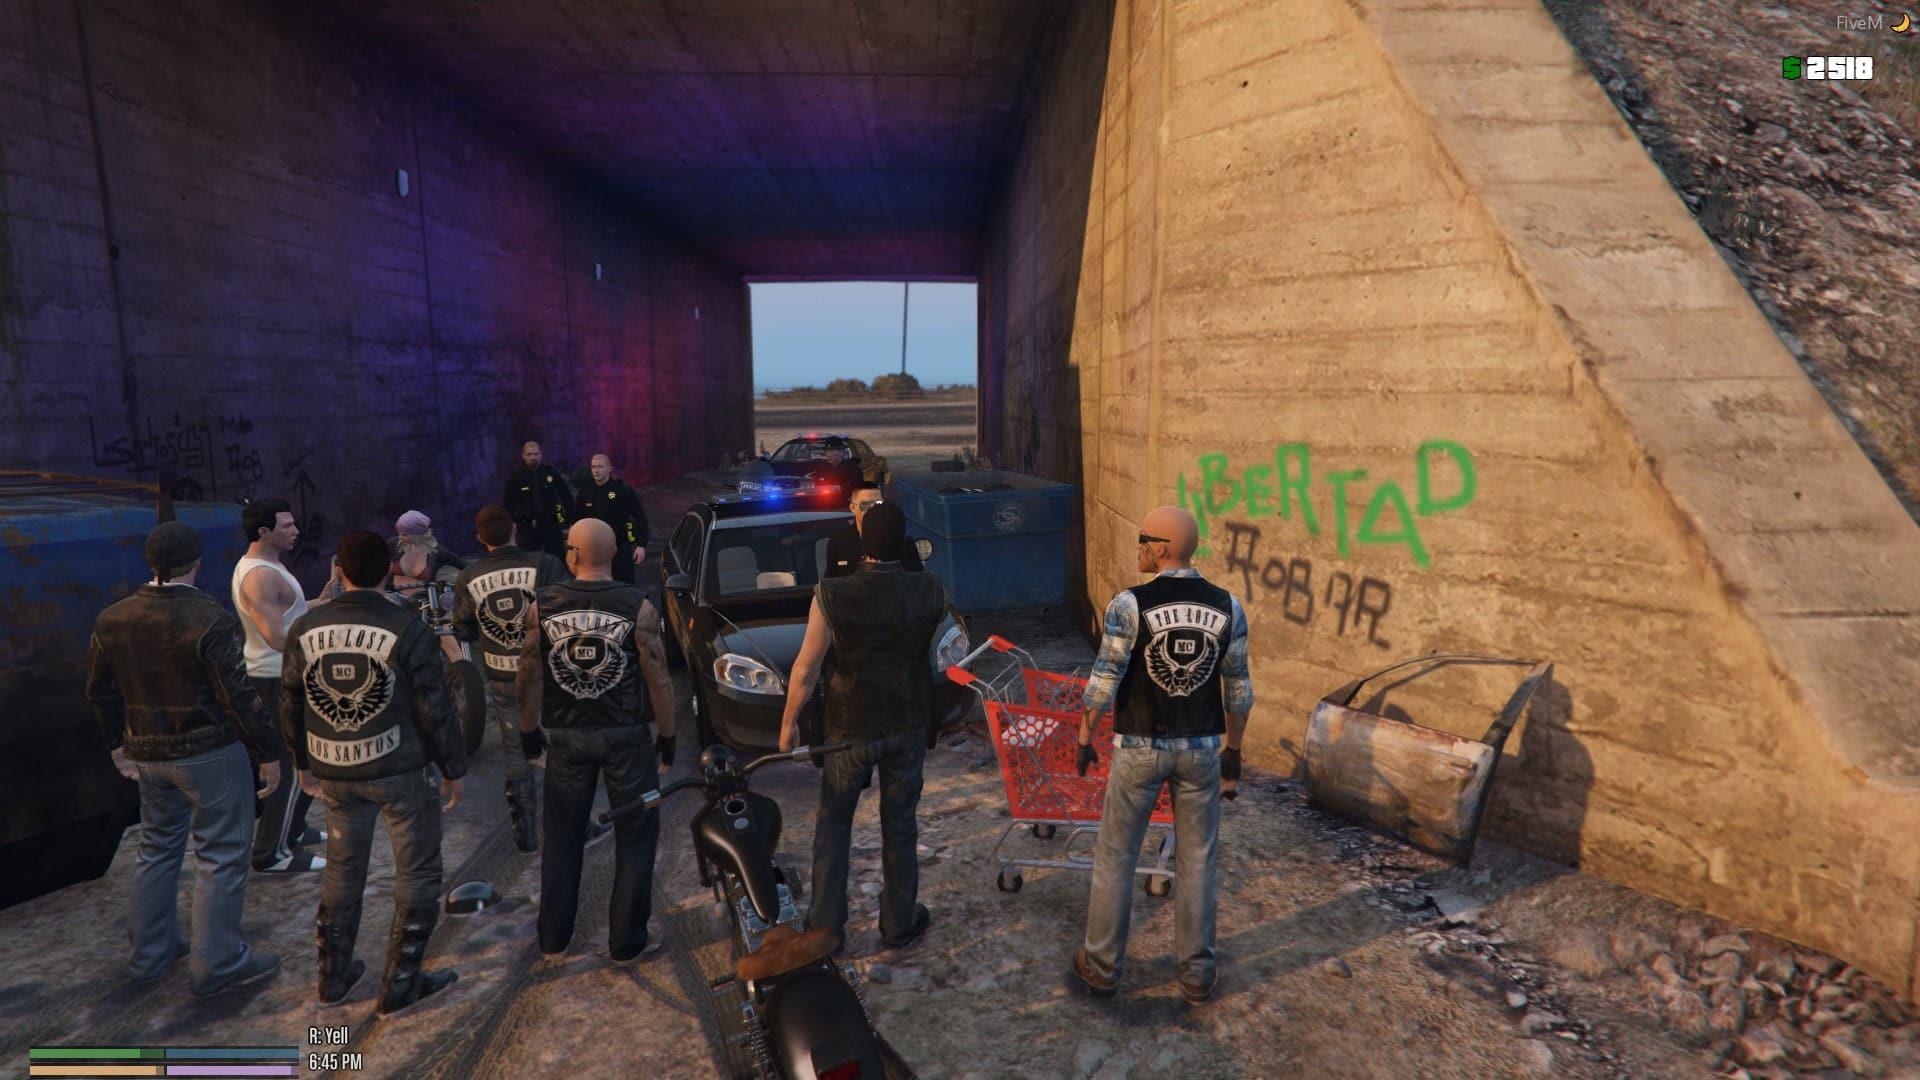 Gangstar squad in GTA